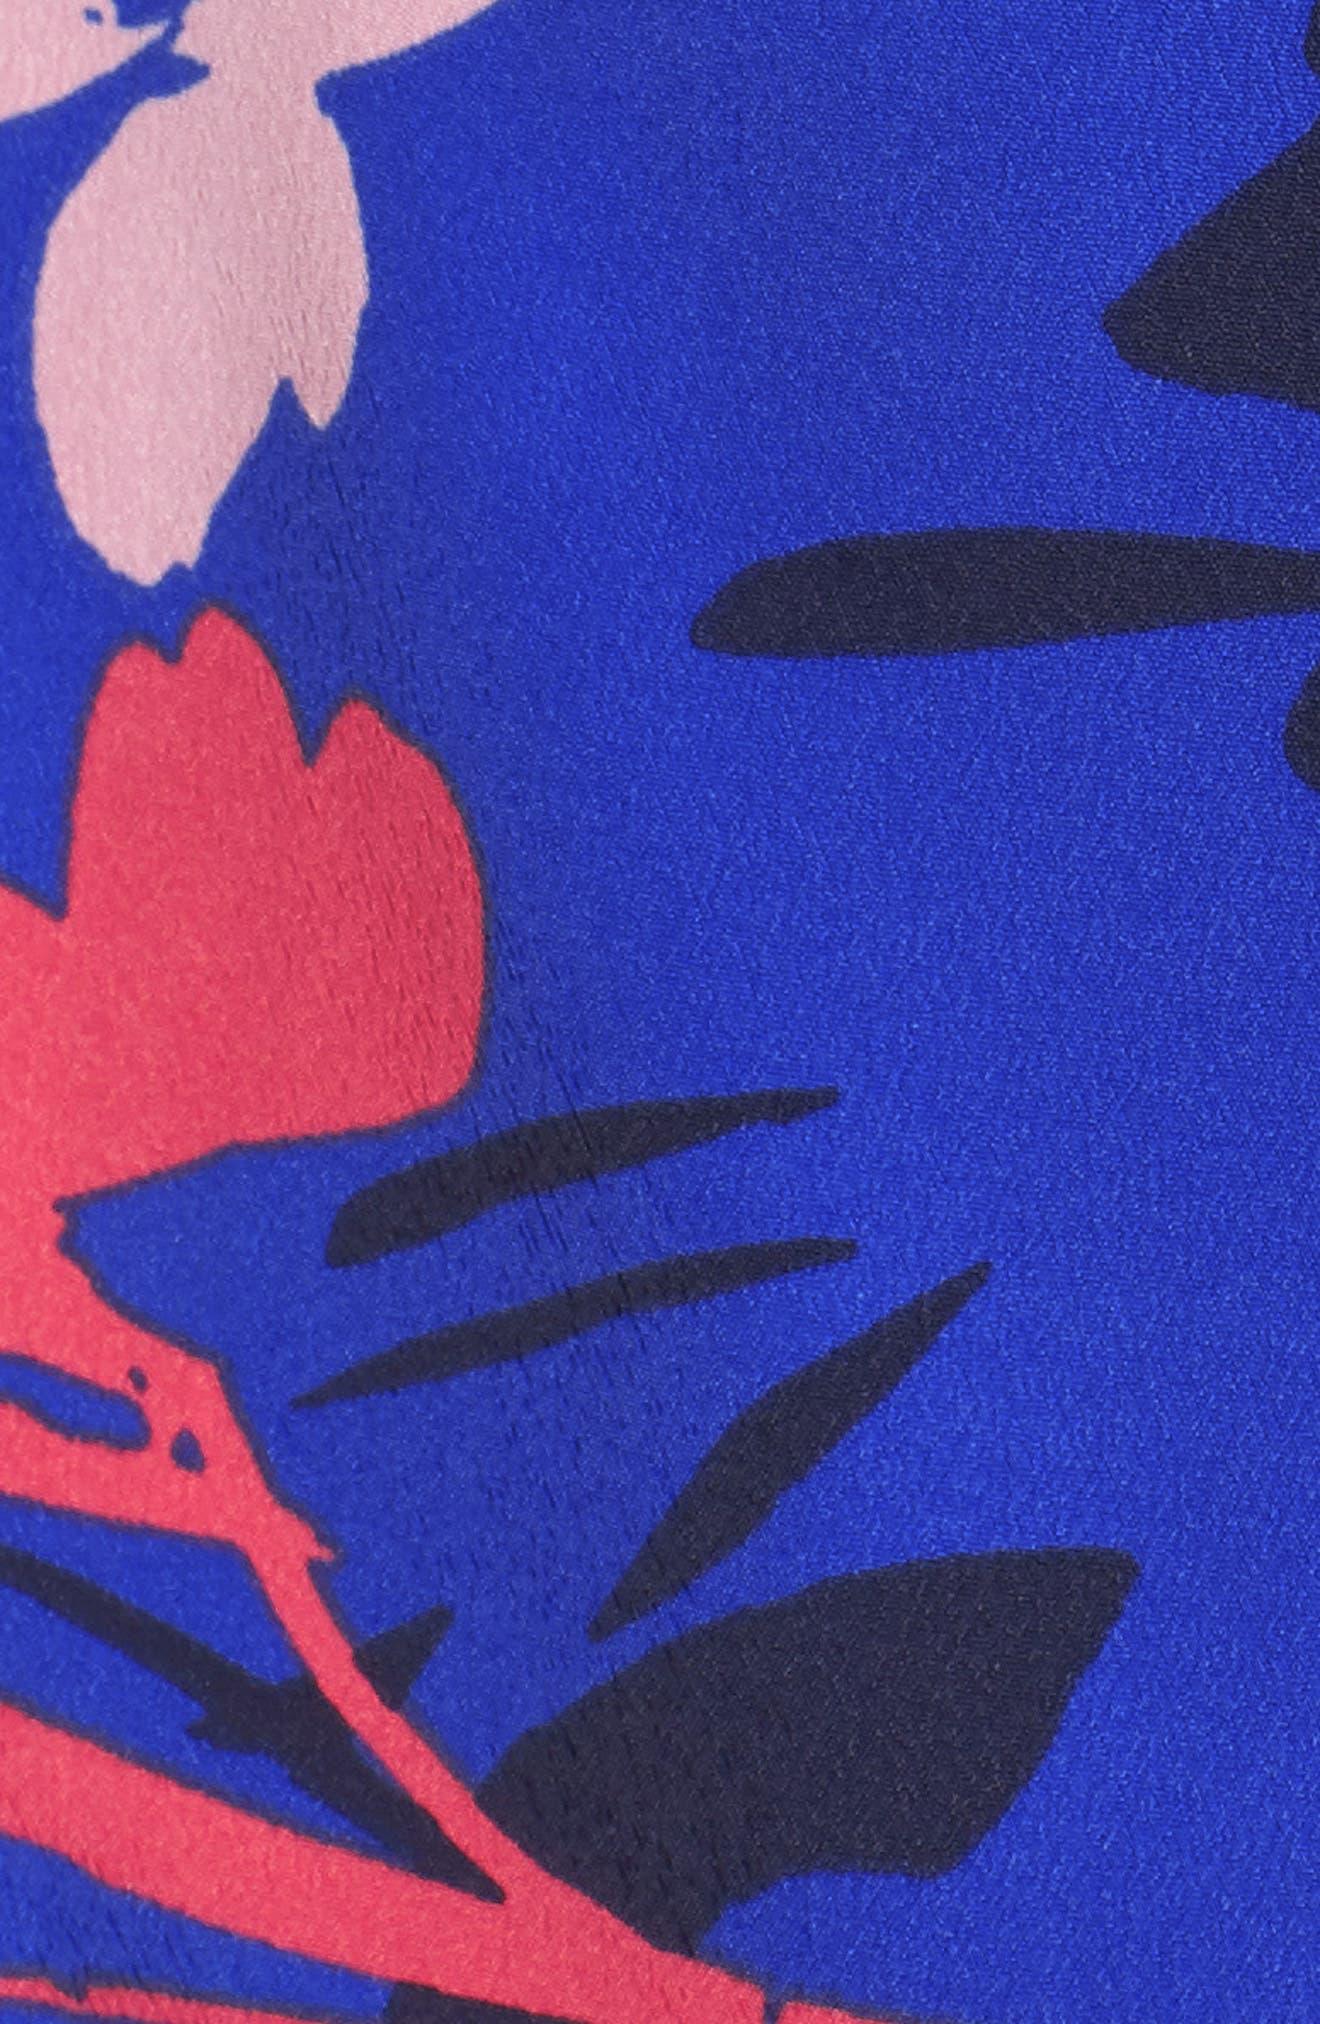 Floral Print Crop Jumpsuit,                             Alternate thumbnail 6, color,                             Blue/ Pink